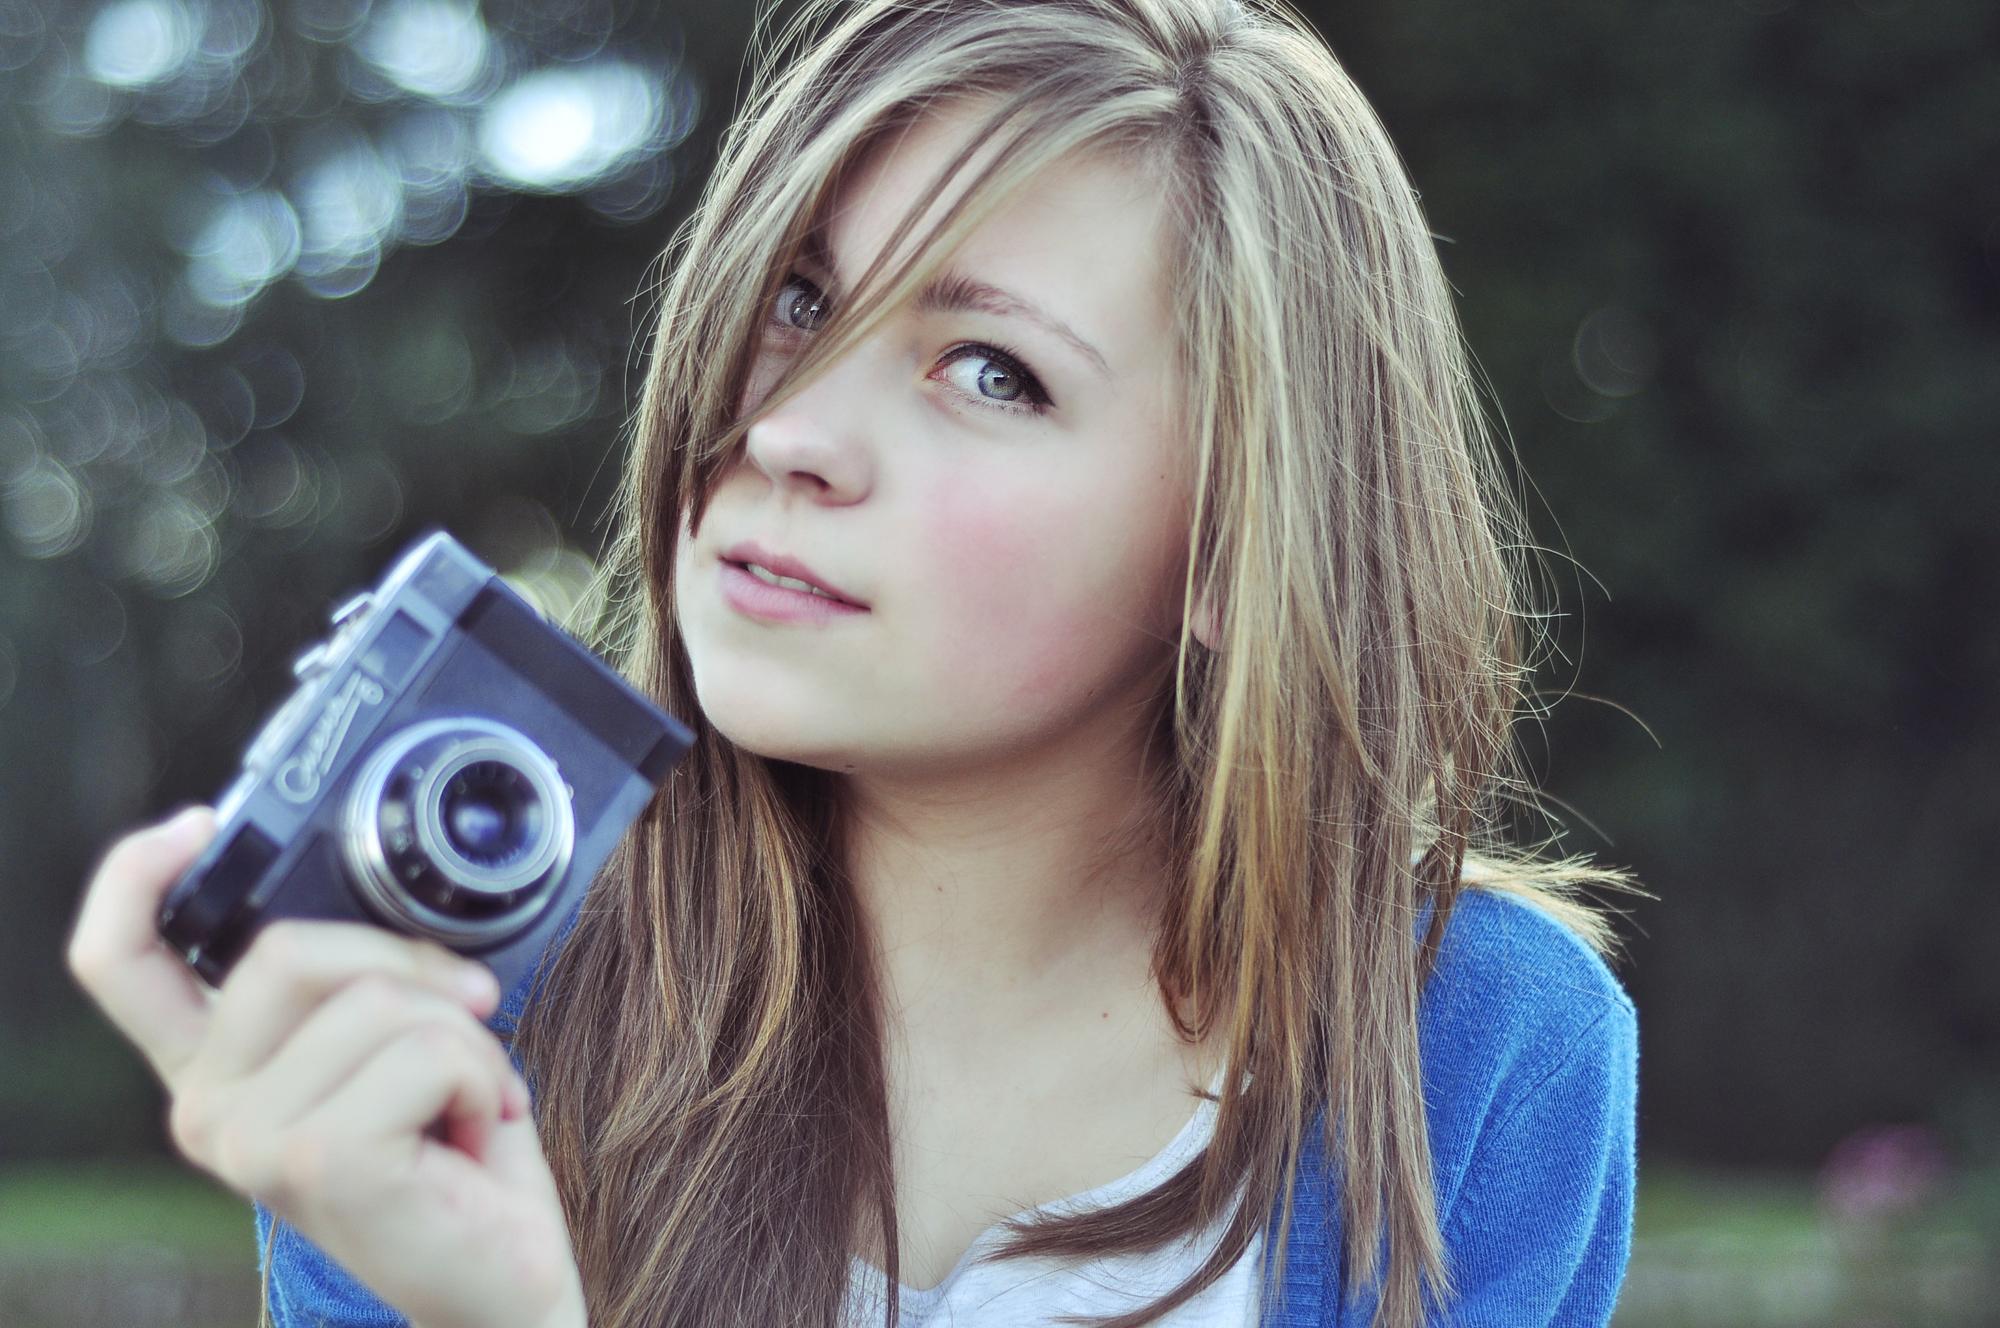 بالصور بنات دلوعات , اجمل بنات دلوعه علي مواقع التواصل الاجتماعي 2766 3